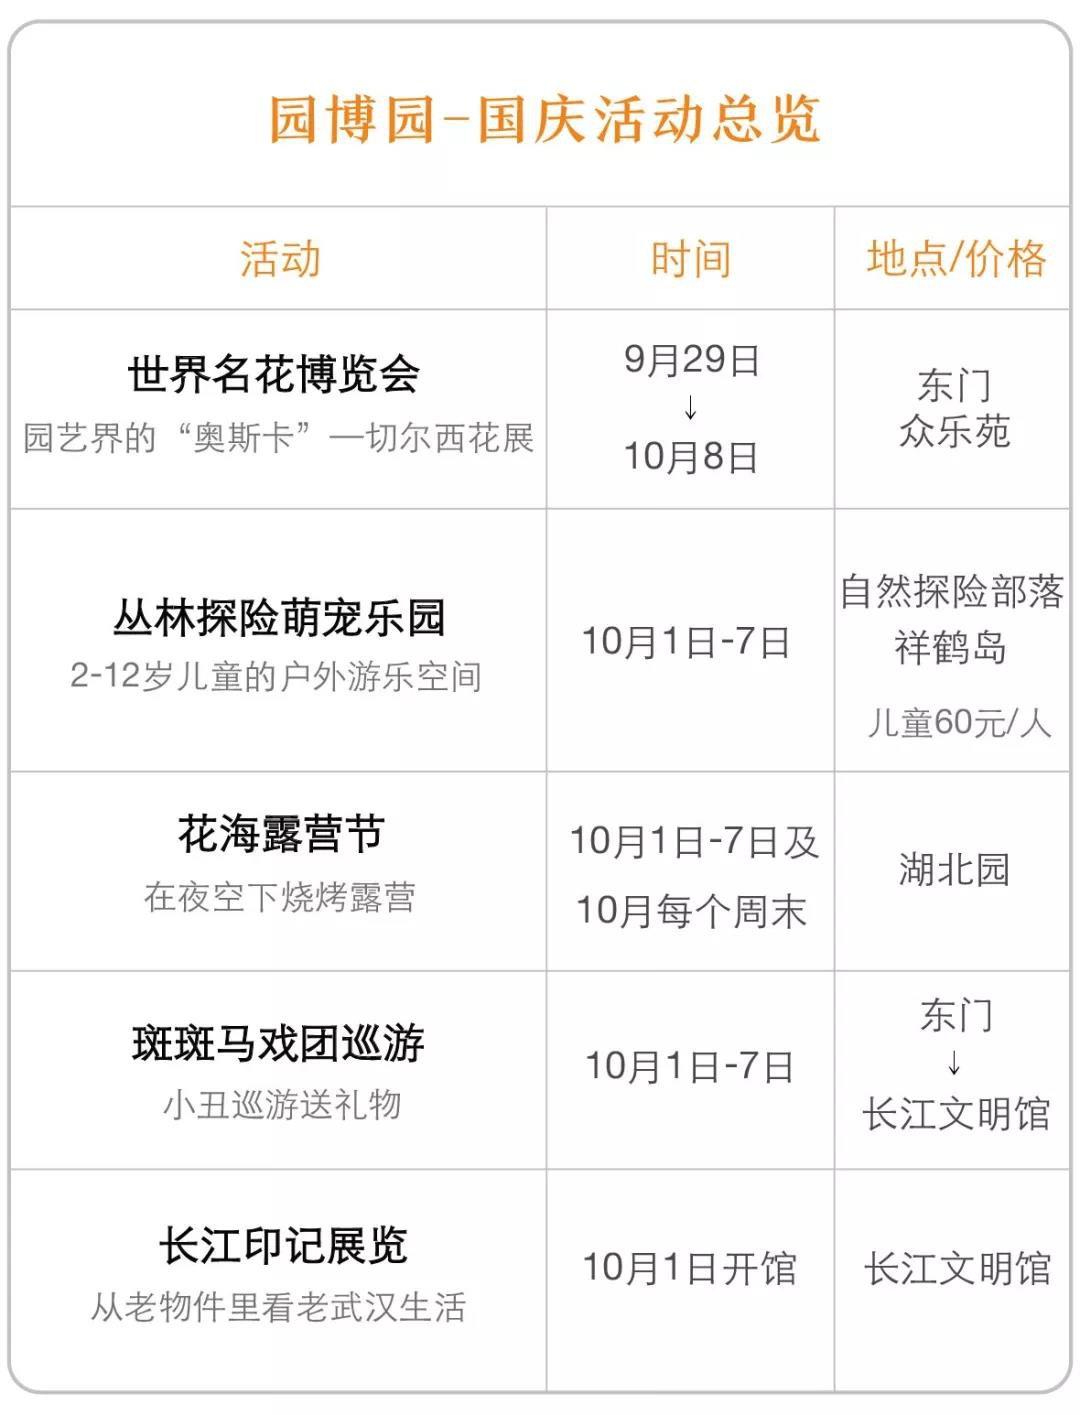 2019武汉重阳节景点活动合集(时间+活动内容)